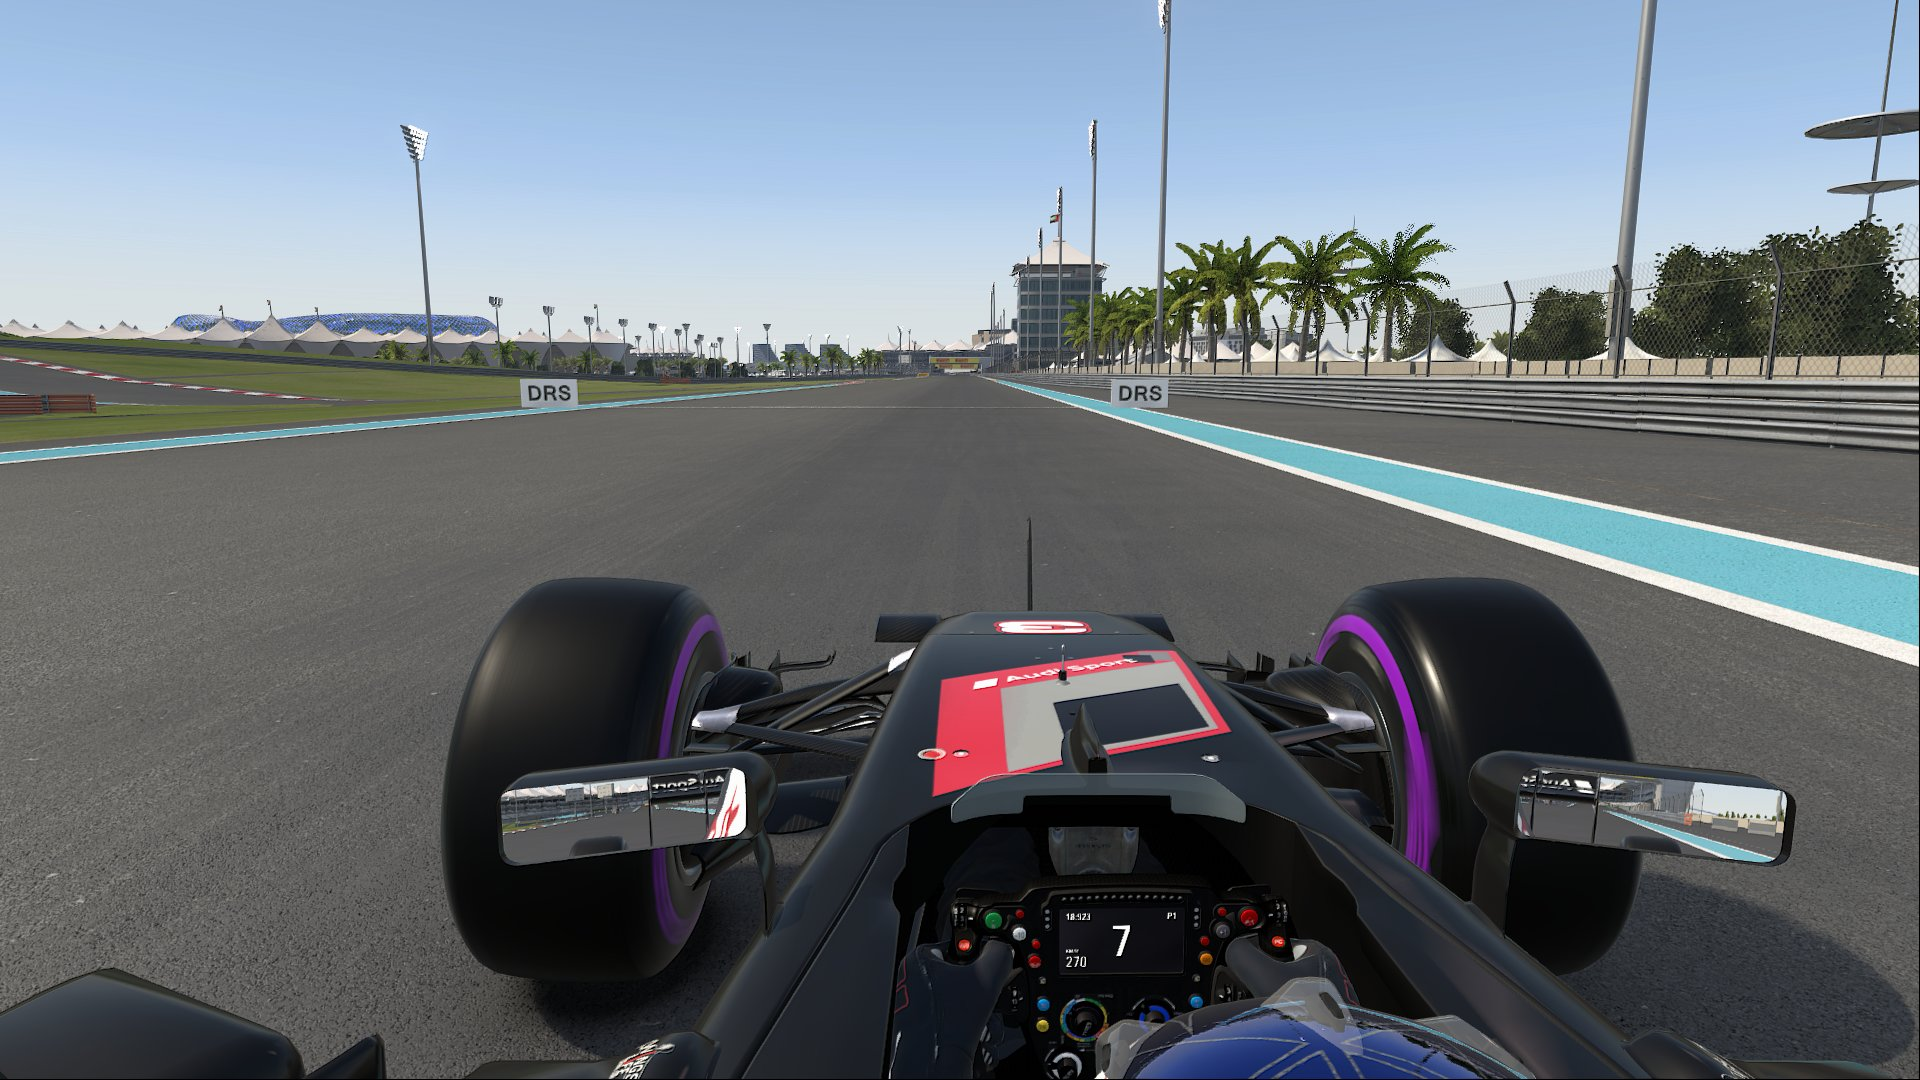 F1_2016_2017-04-12_21-36-35.jpg